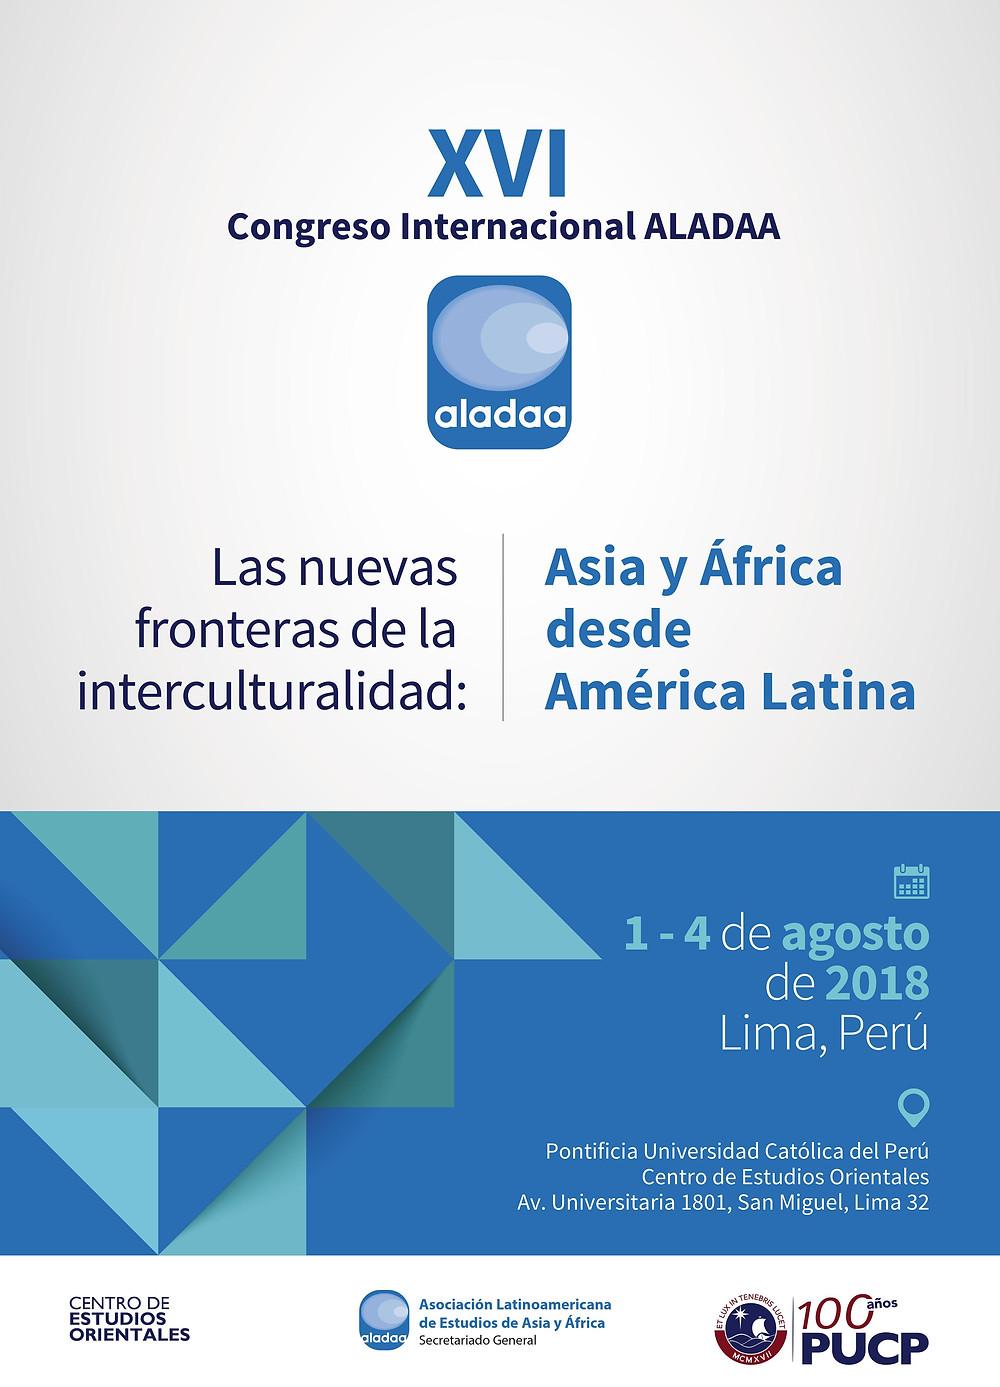 Congreso Internacional ALADAA Perú 2018